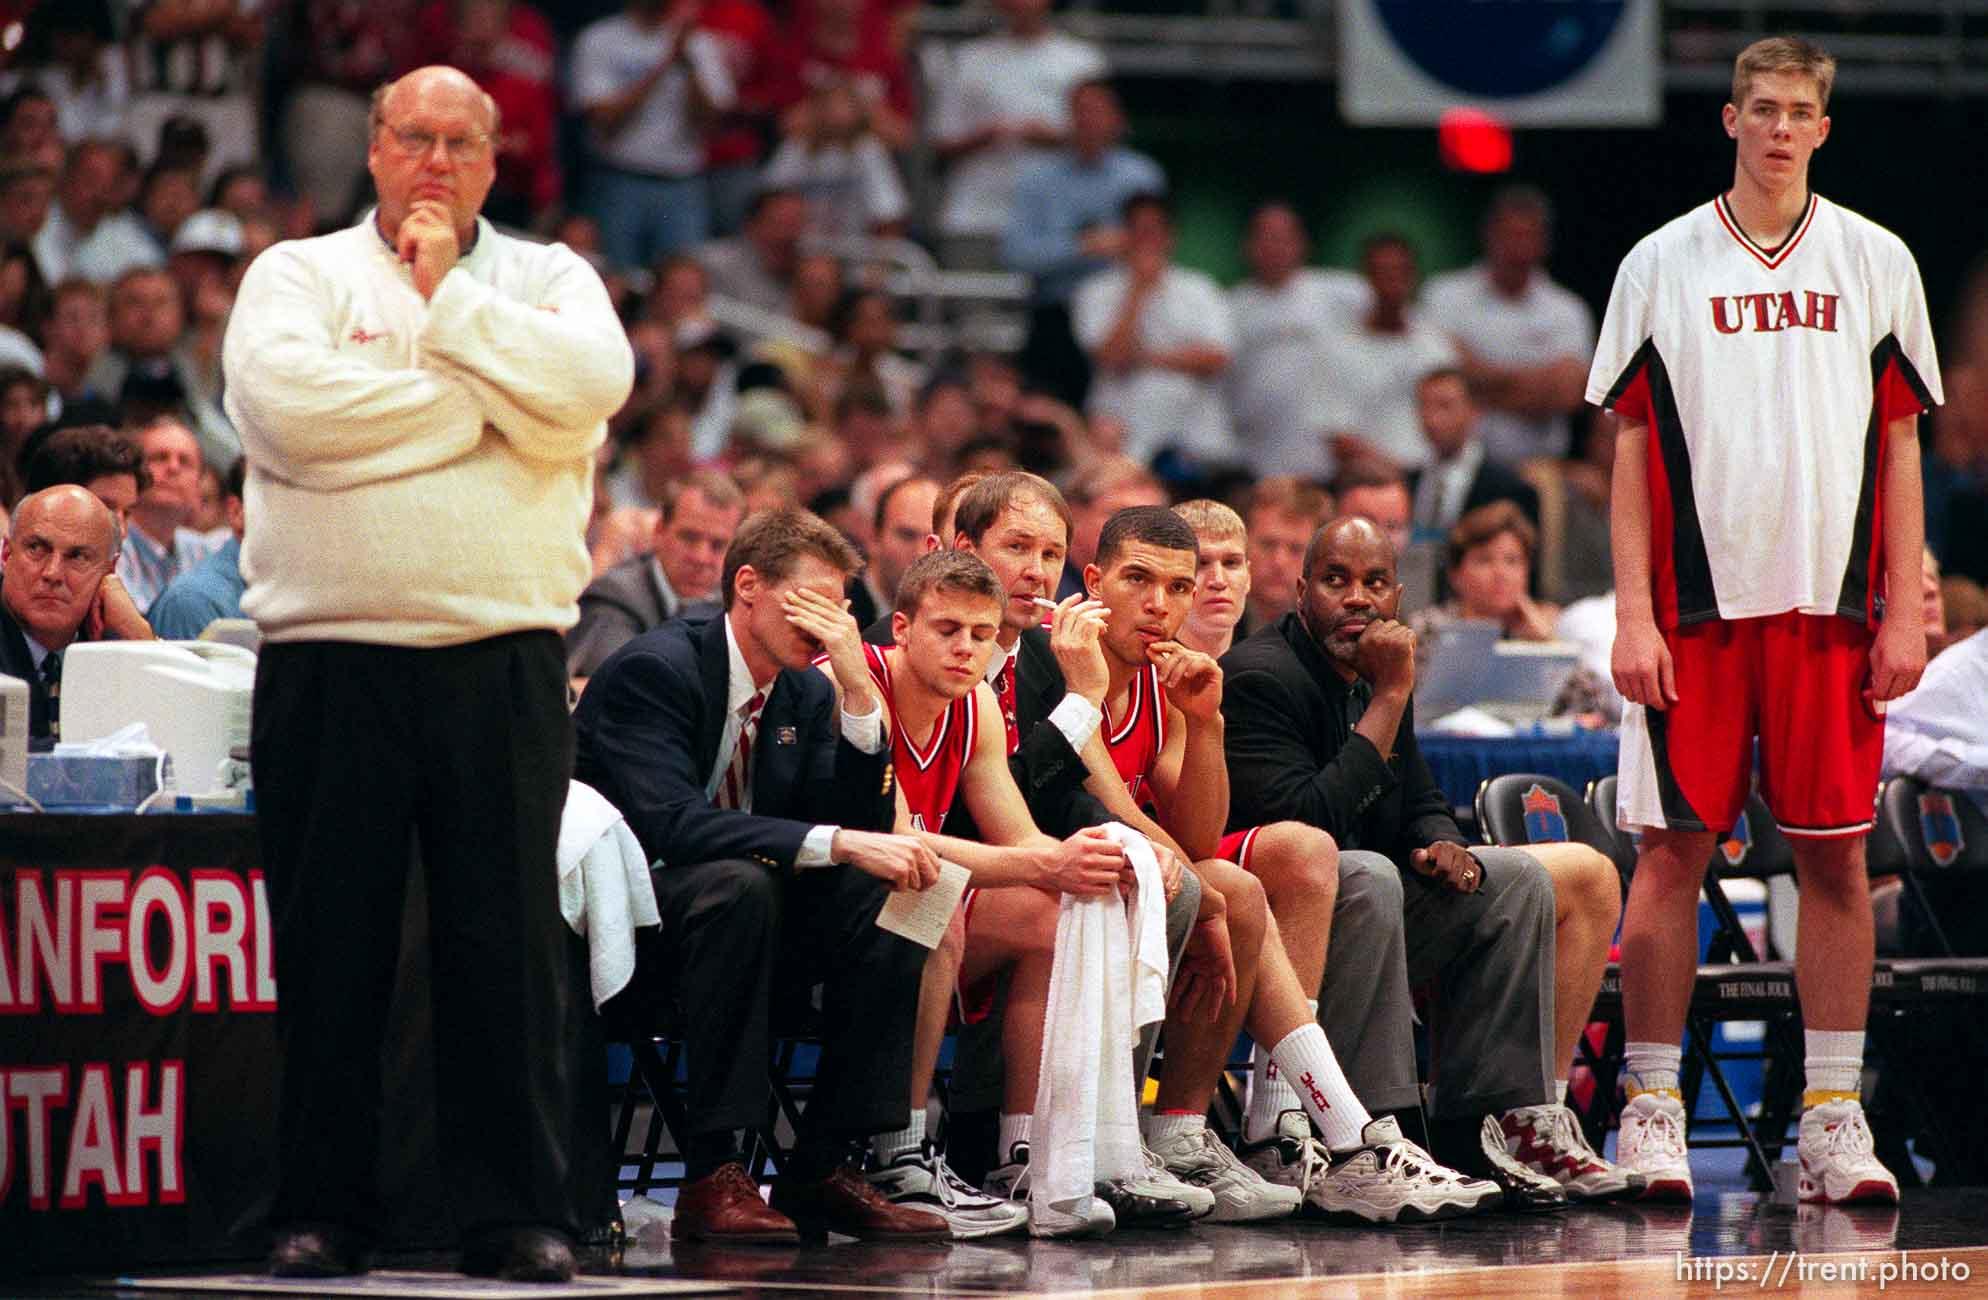 Utah bench and coach Rick Majerus at end of loss at Utah vs. Kentucky, NCAA championship game.